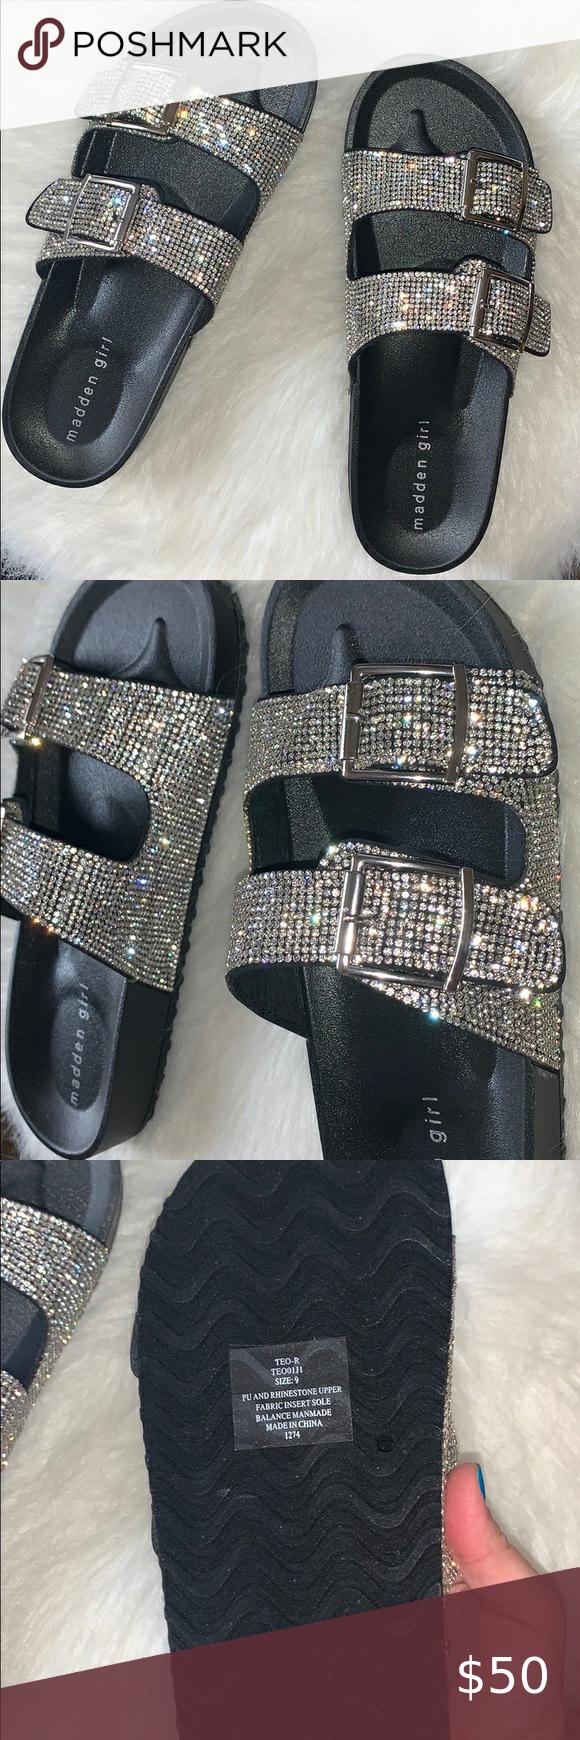 Madden girl, Steve madden shoes sandals